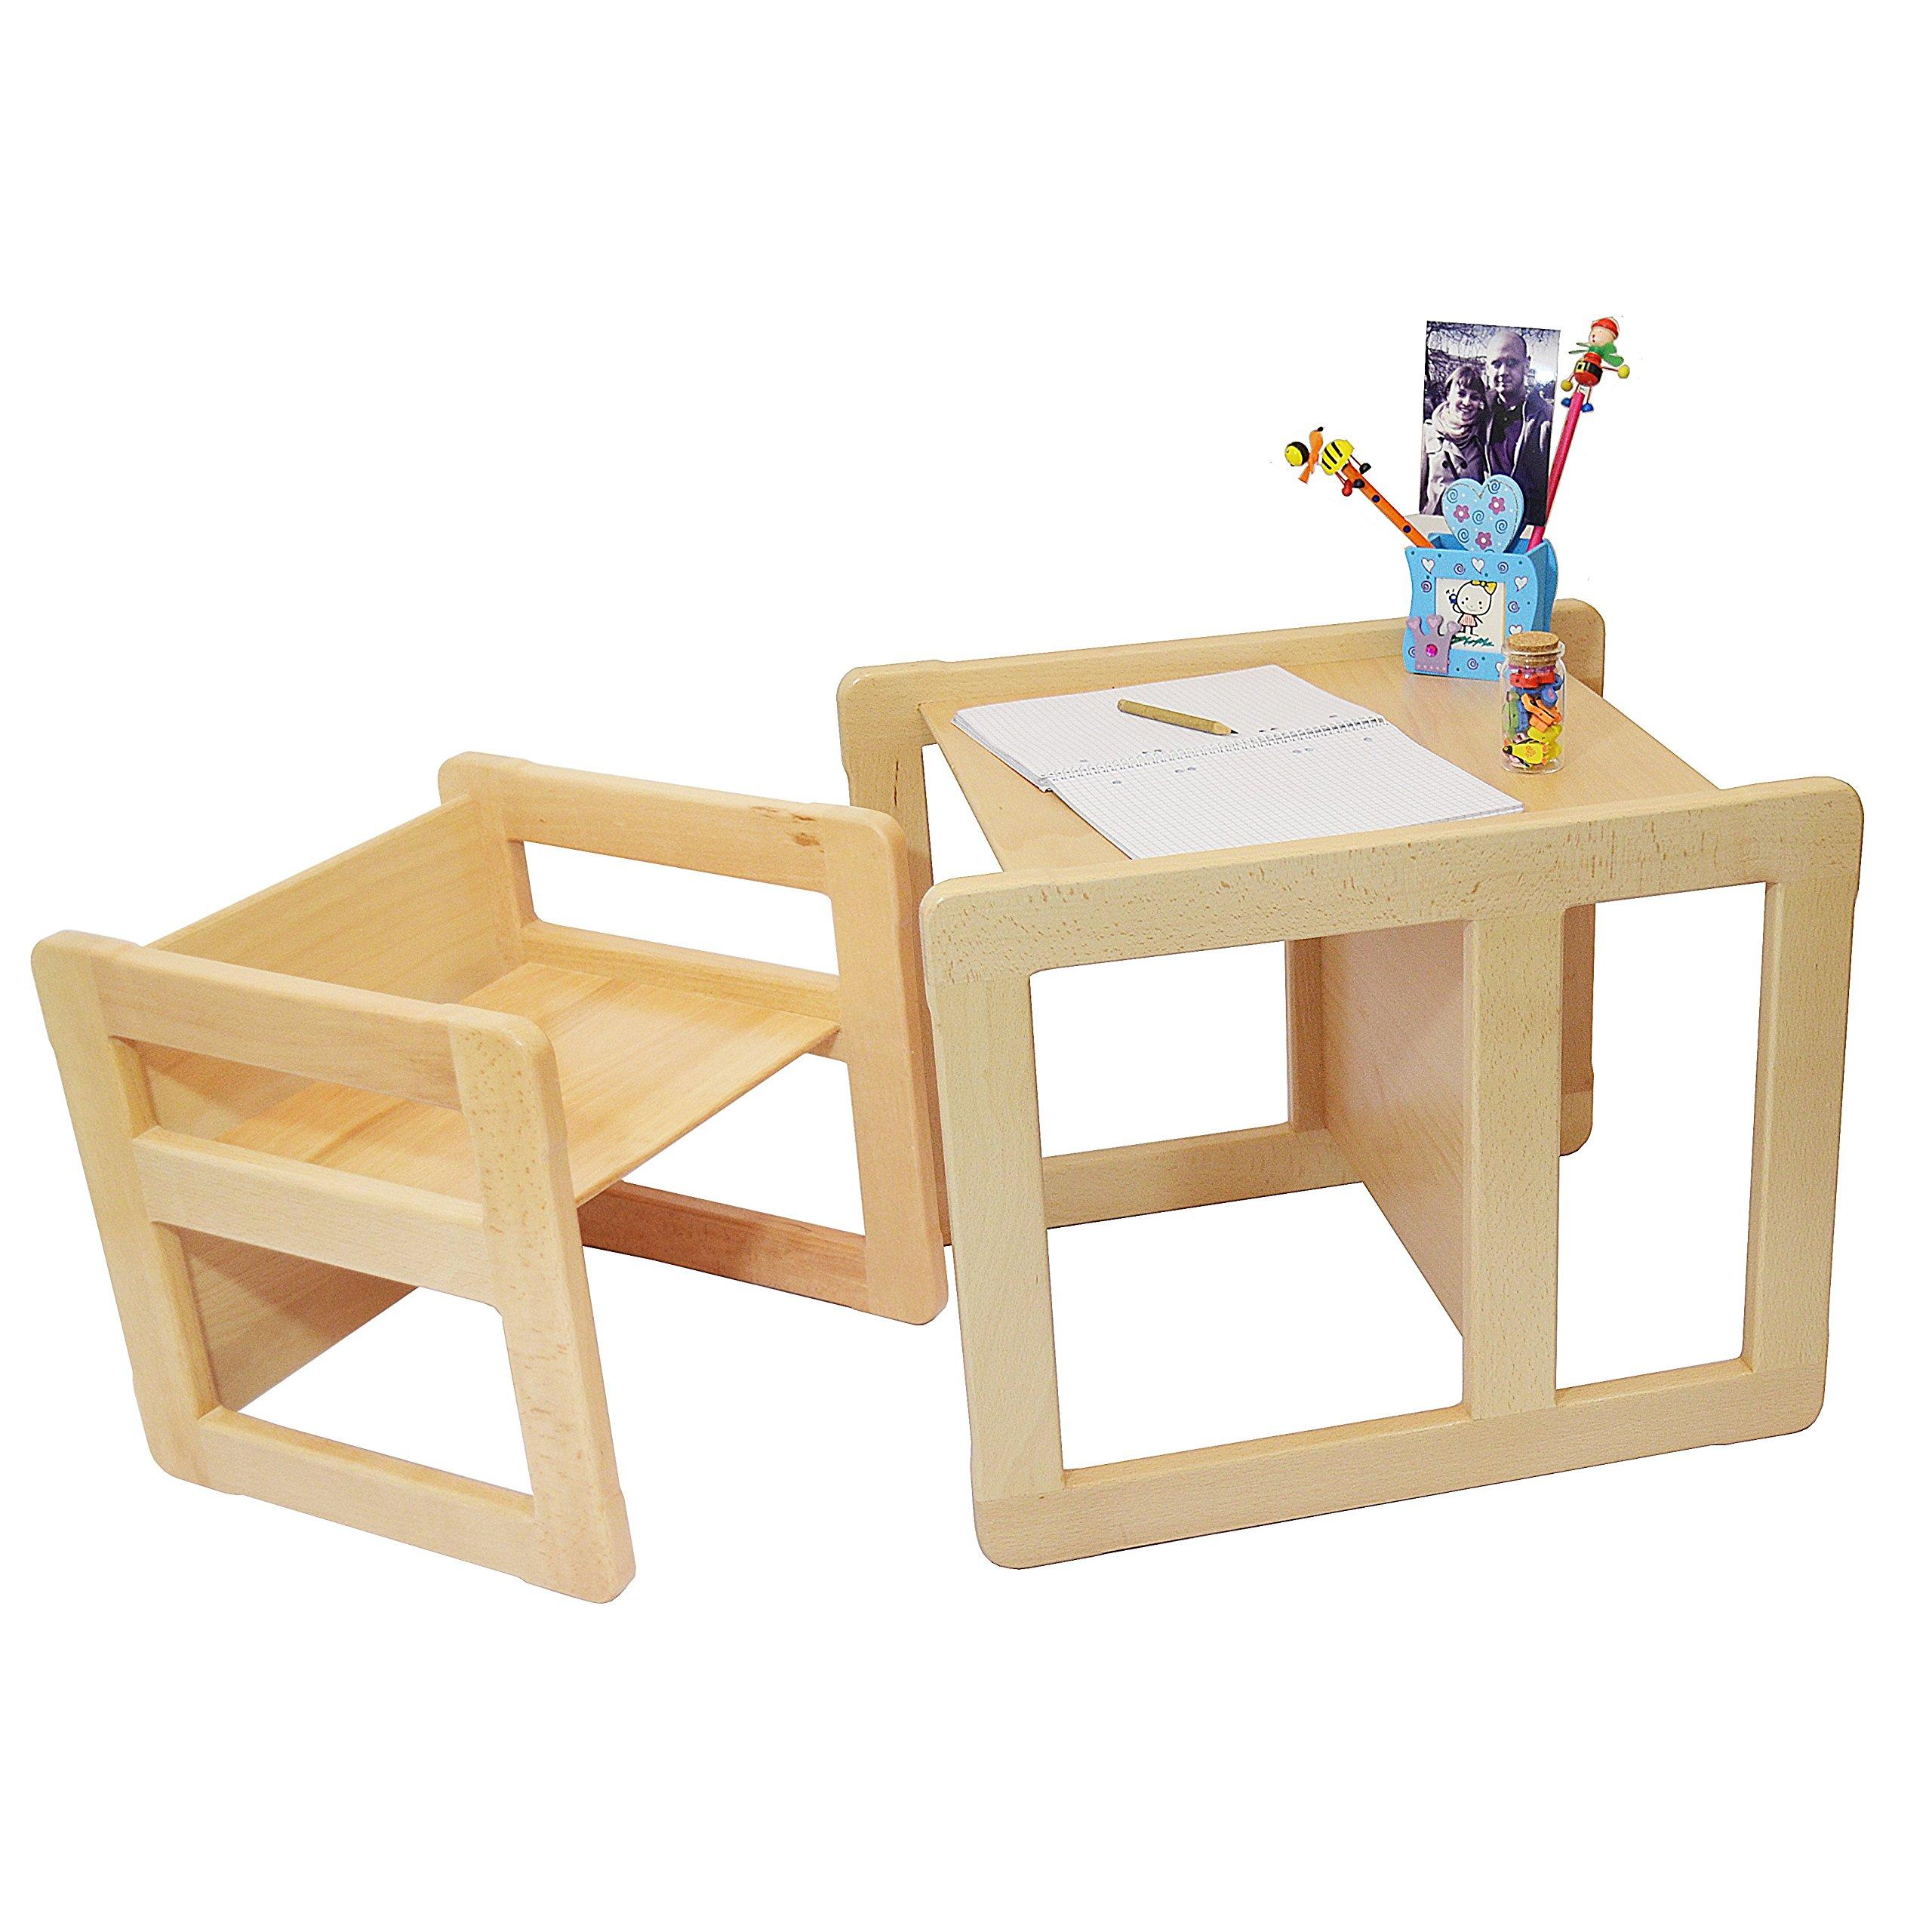 Obique Set Mobilio Multifunzionale 3 In 1 Per Bambini Un Tavolino Multifunzionale E Una Sedia Multifunzionale Per Bambini O Due Tavolini Da Caffè Per Adulti In Faggio Lacca Chiara product image